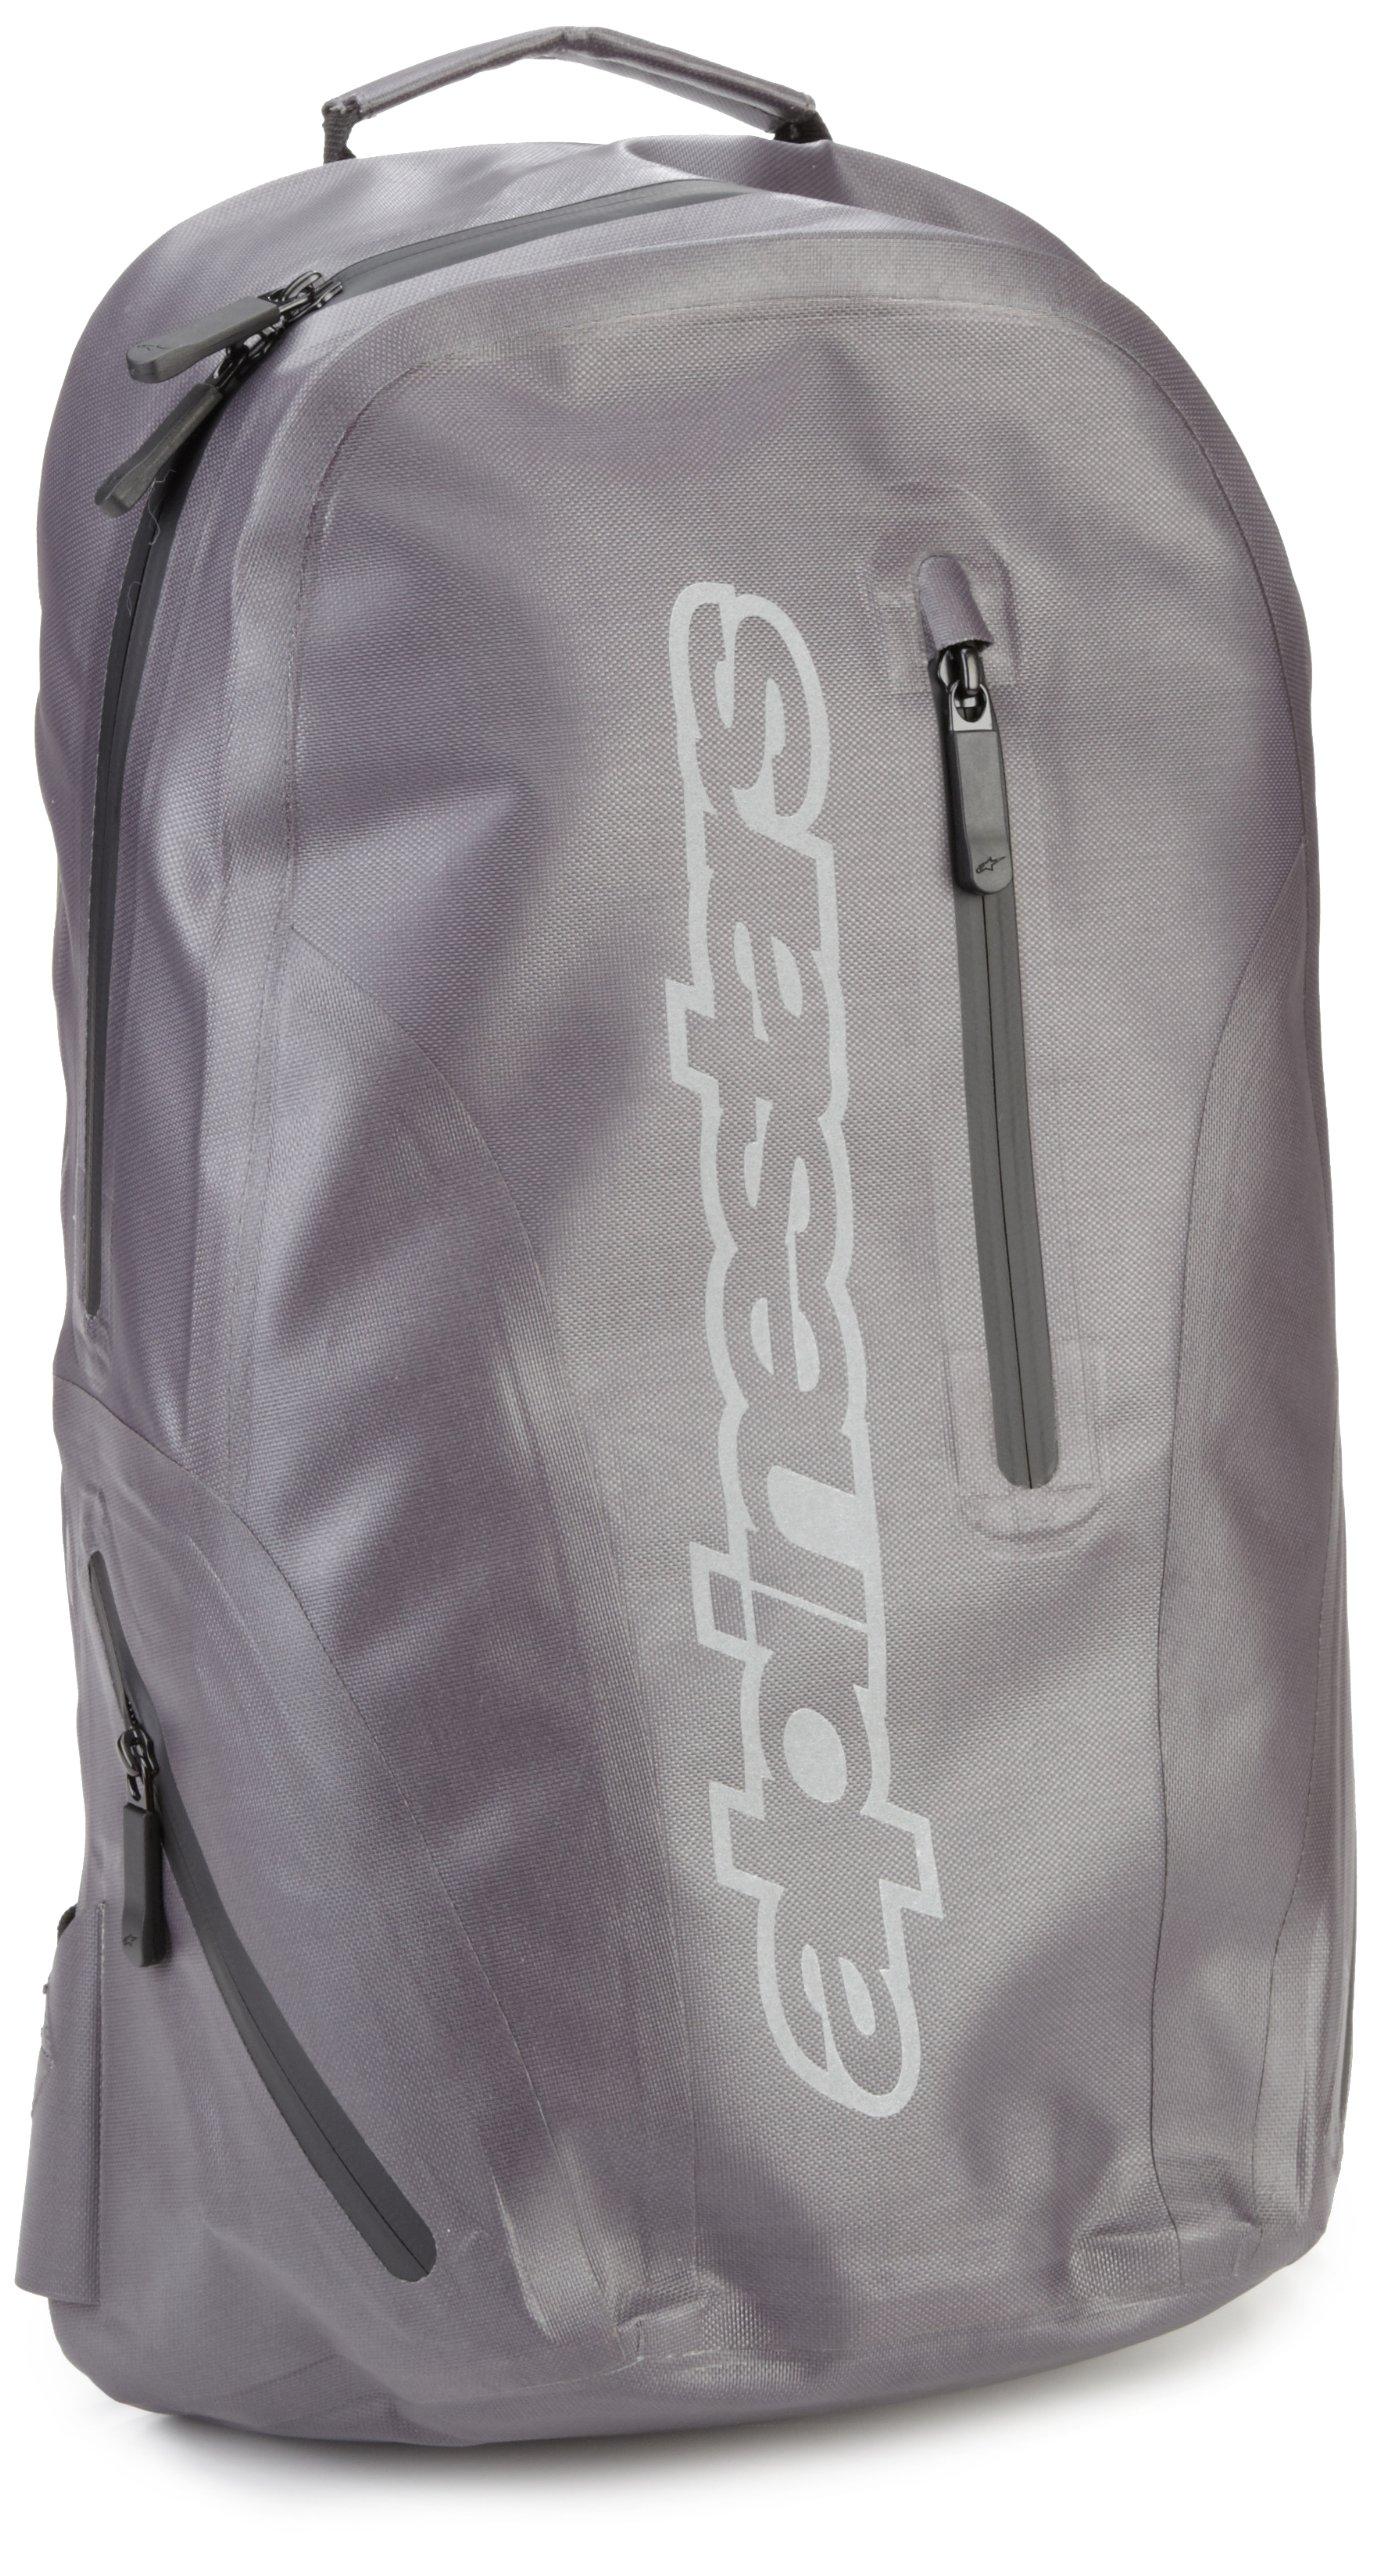 ALPINESTARS Men's Slipstream Backpack, Charcoal One Size